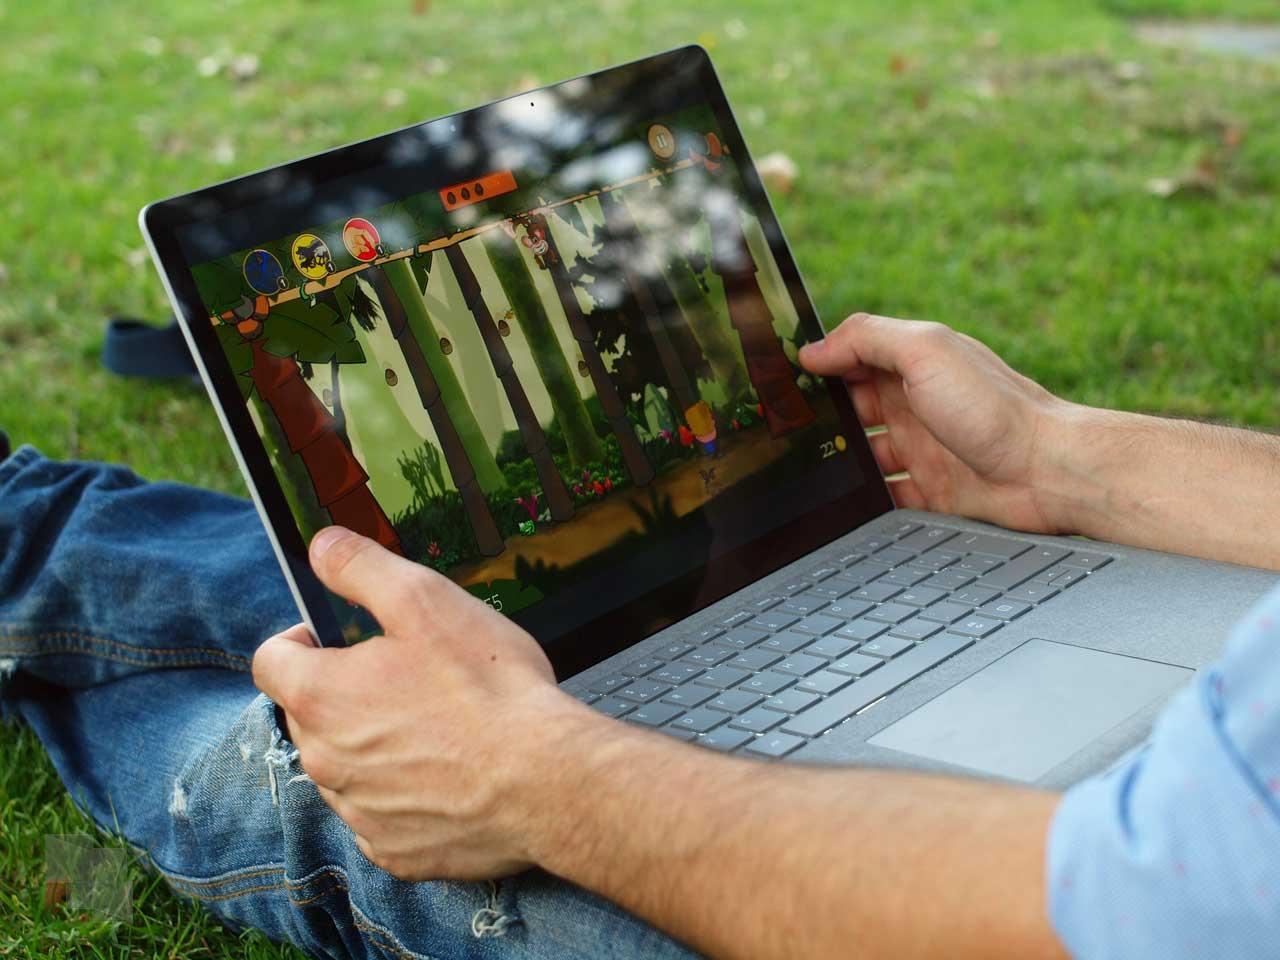 Consigue un Surface Laptop con un 15% de descuento con las ofertas Flash de Microsoft